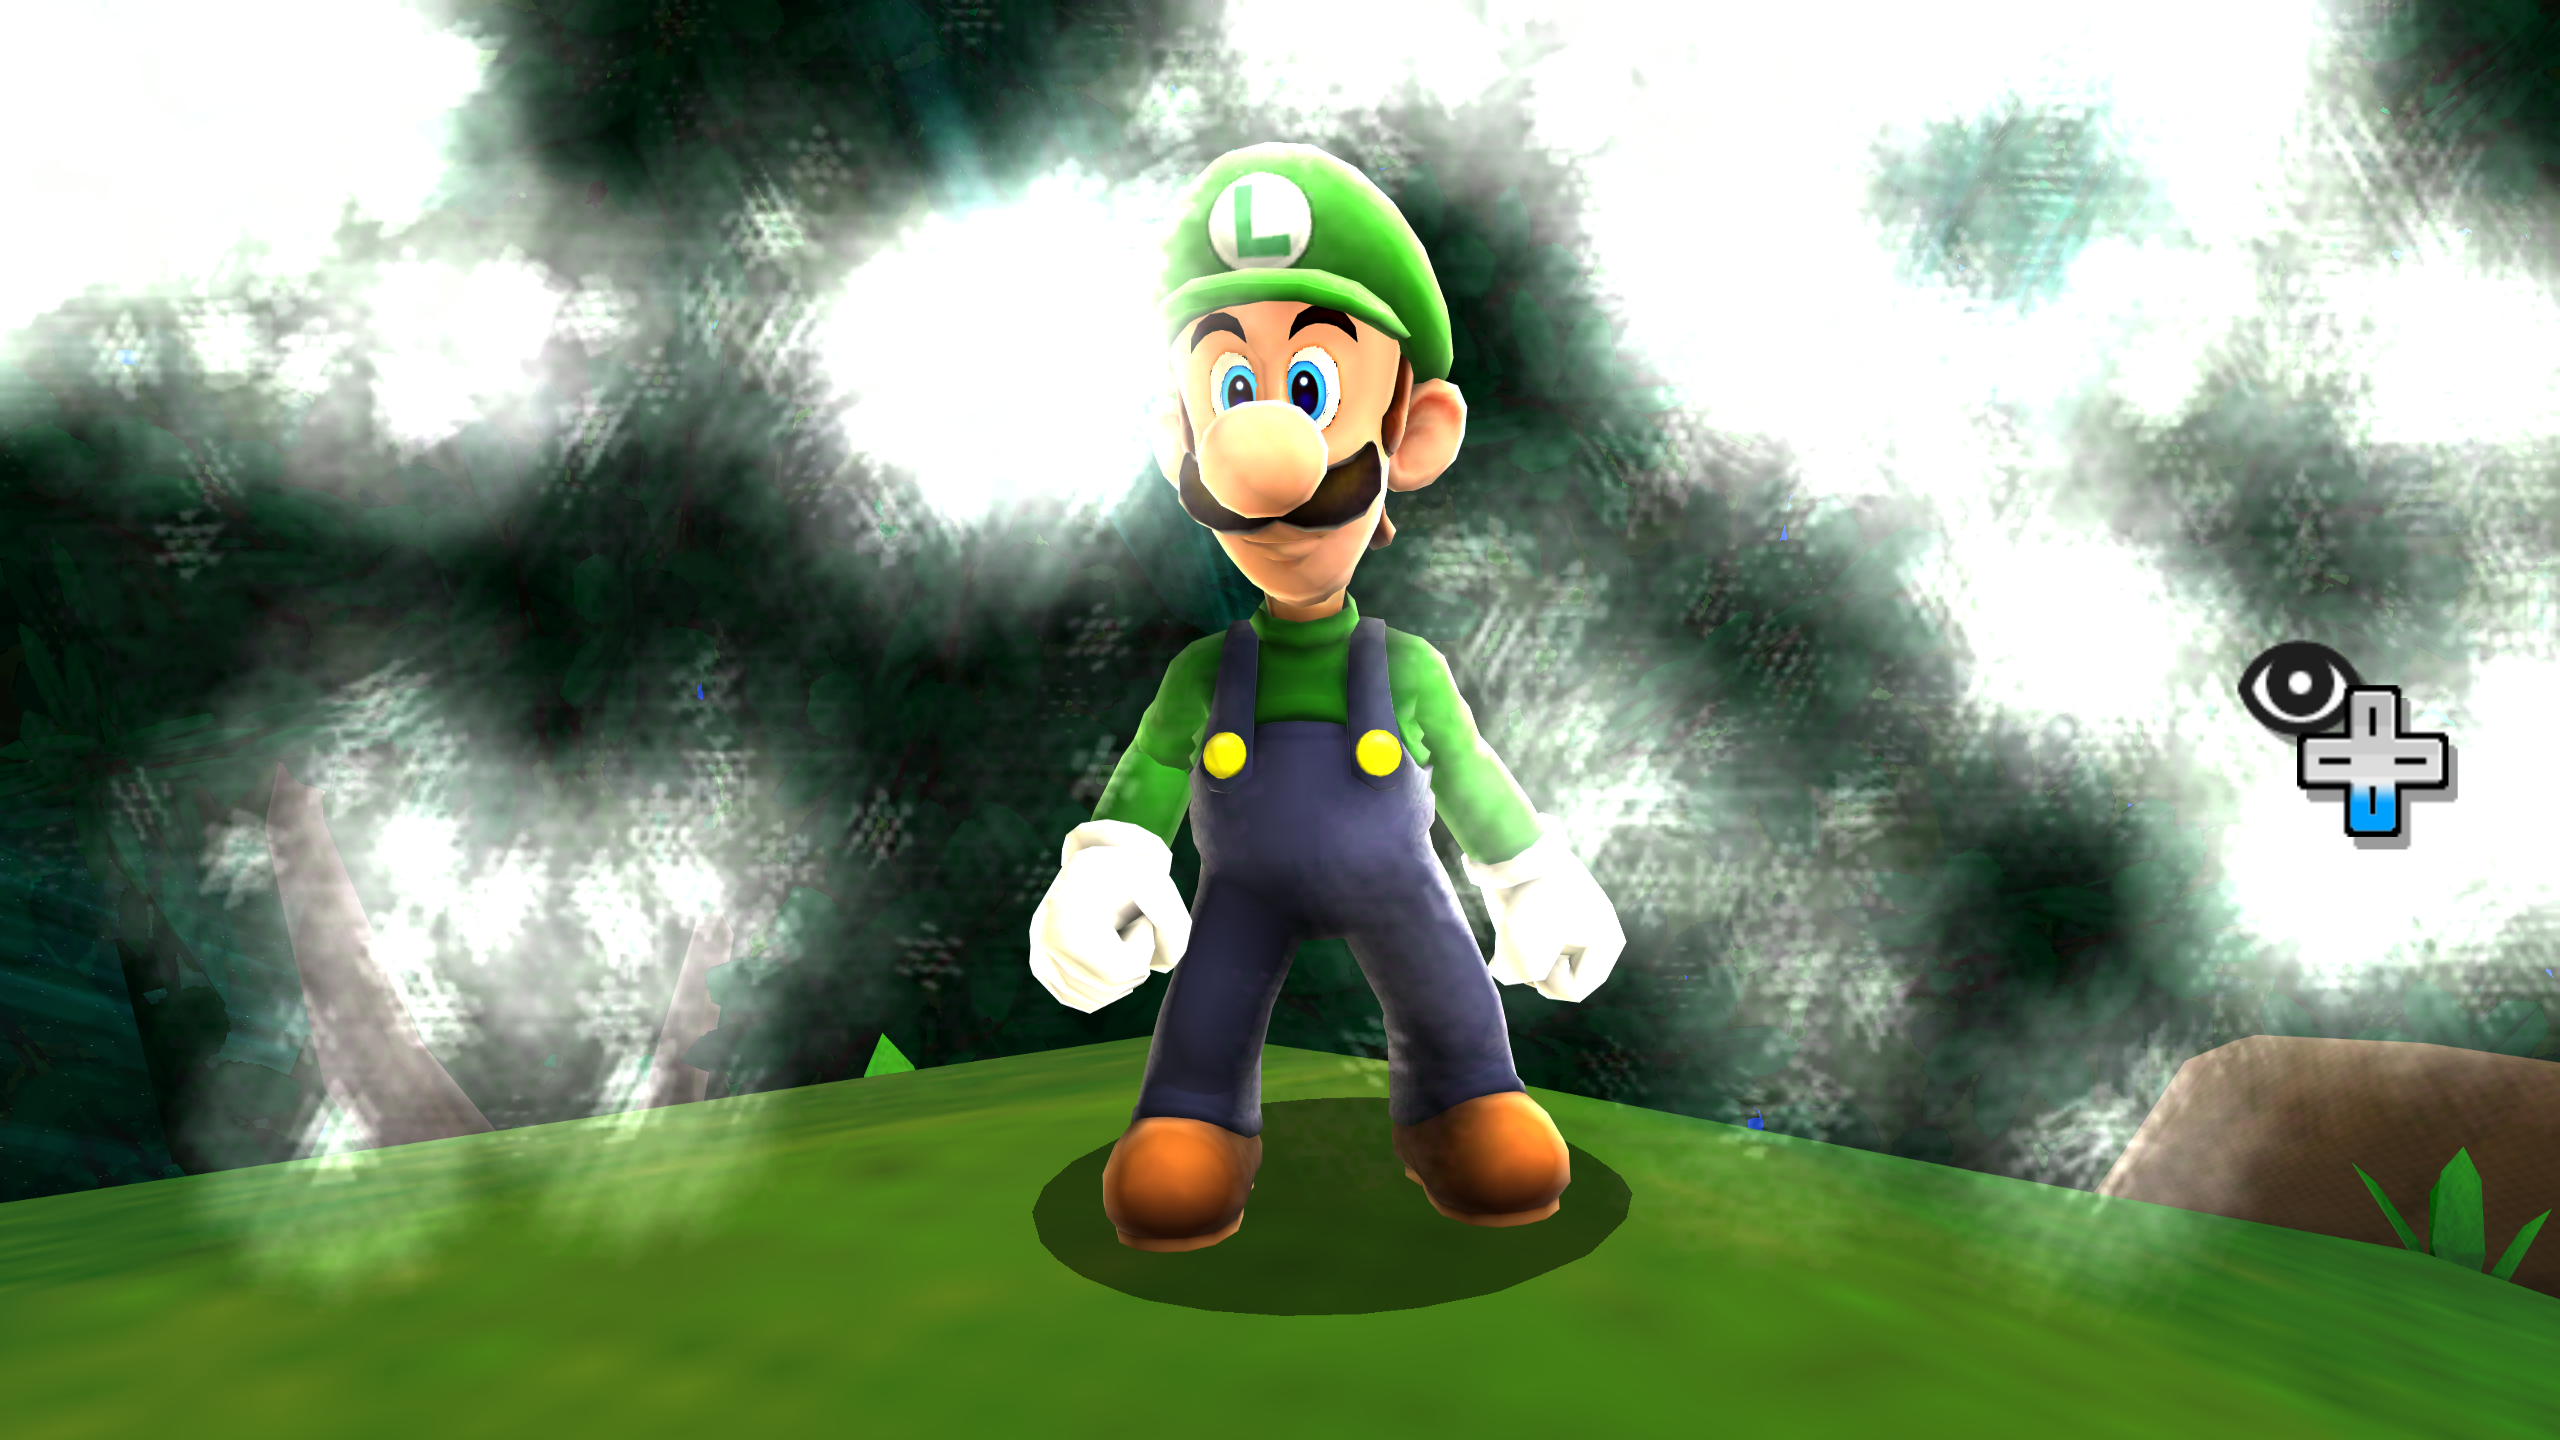 Luigi a Super Mario Galaxy 2-ben